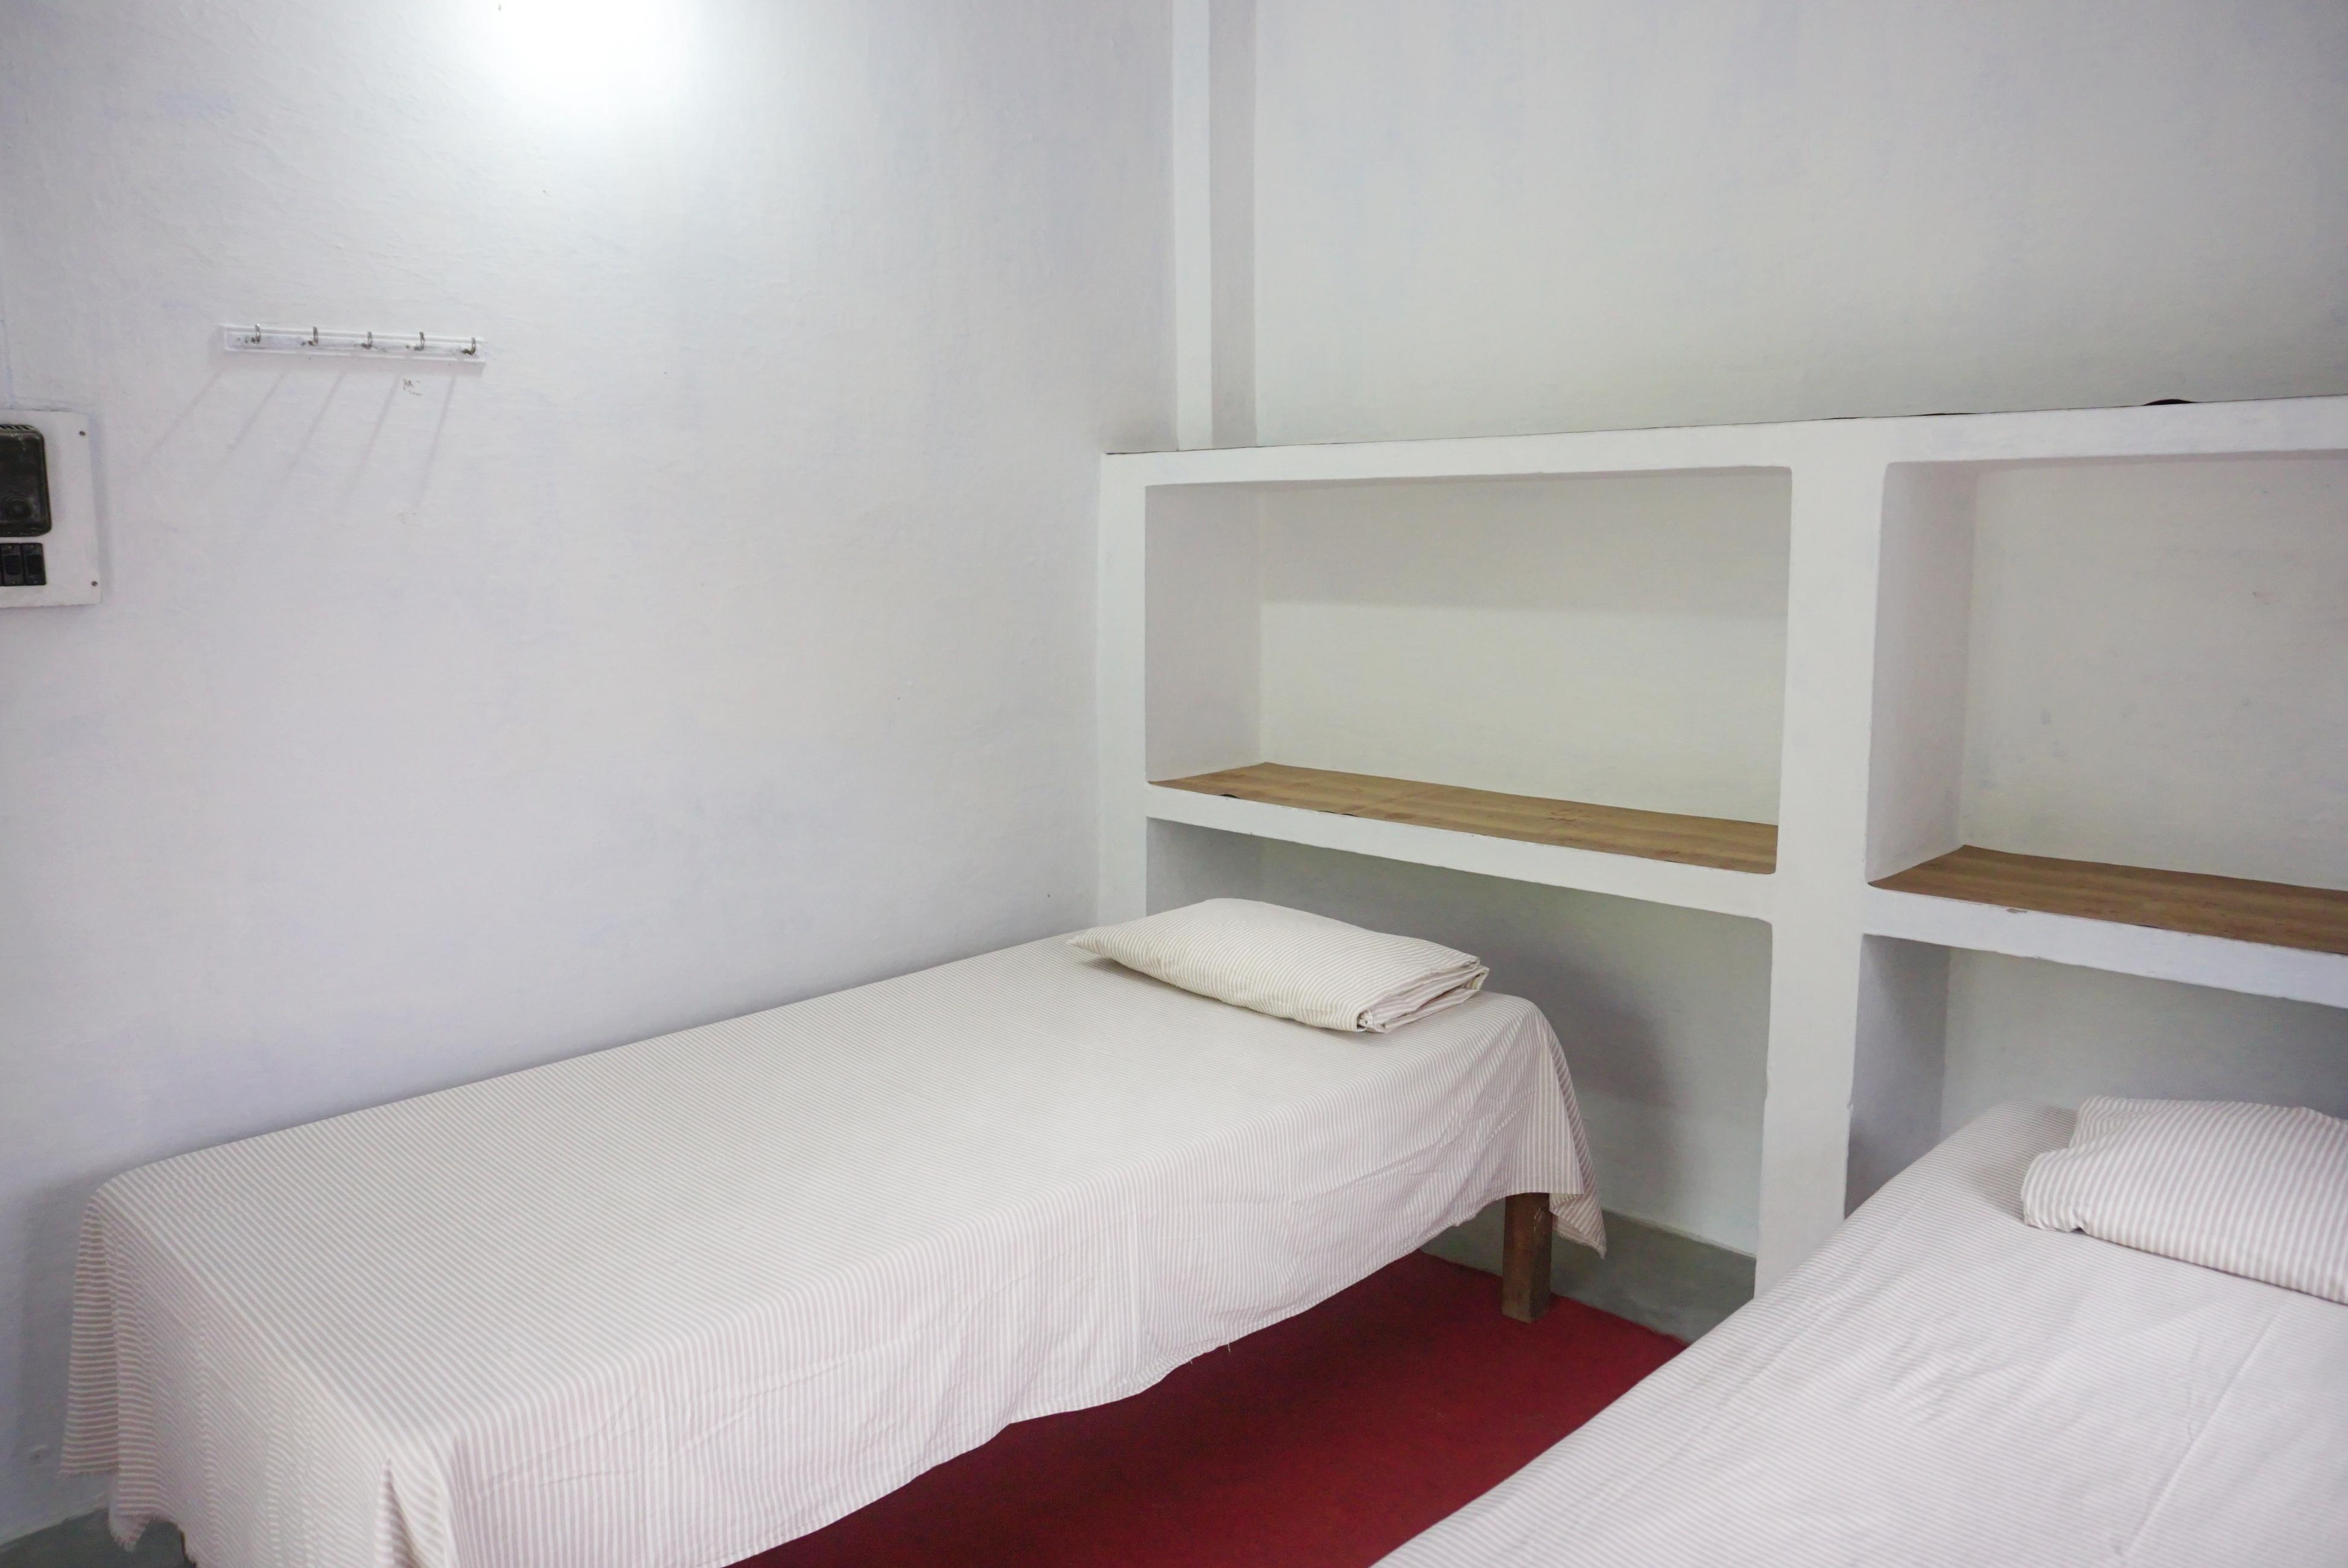 Double Room at Phool Chatti Yoga Ashram in Rishikesh